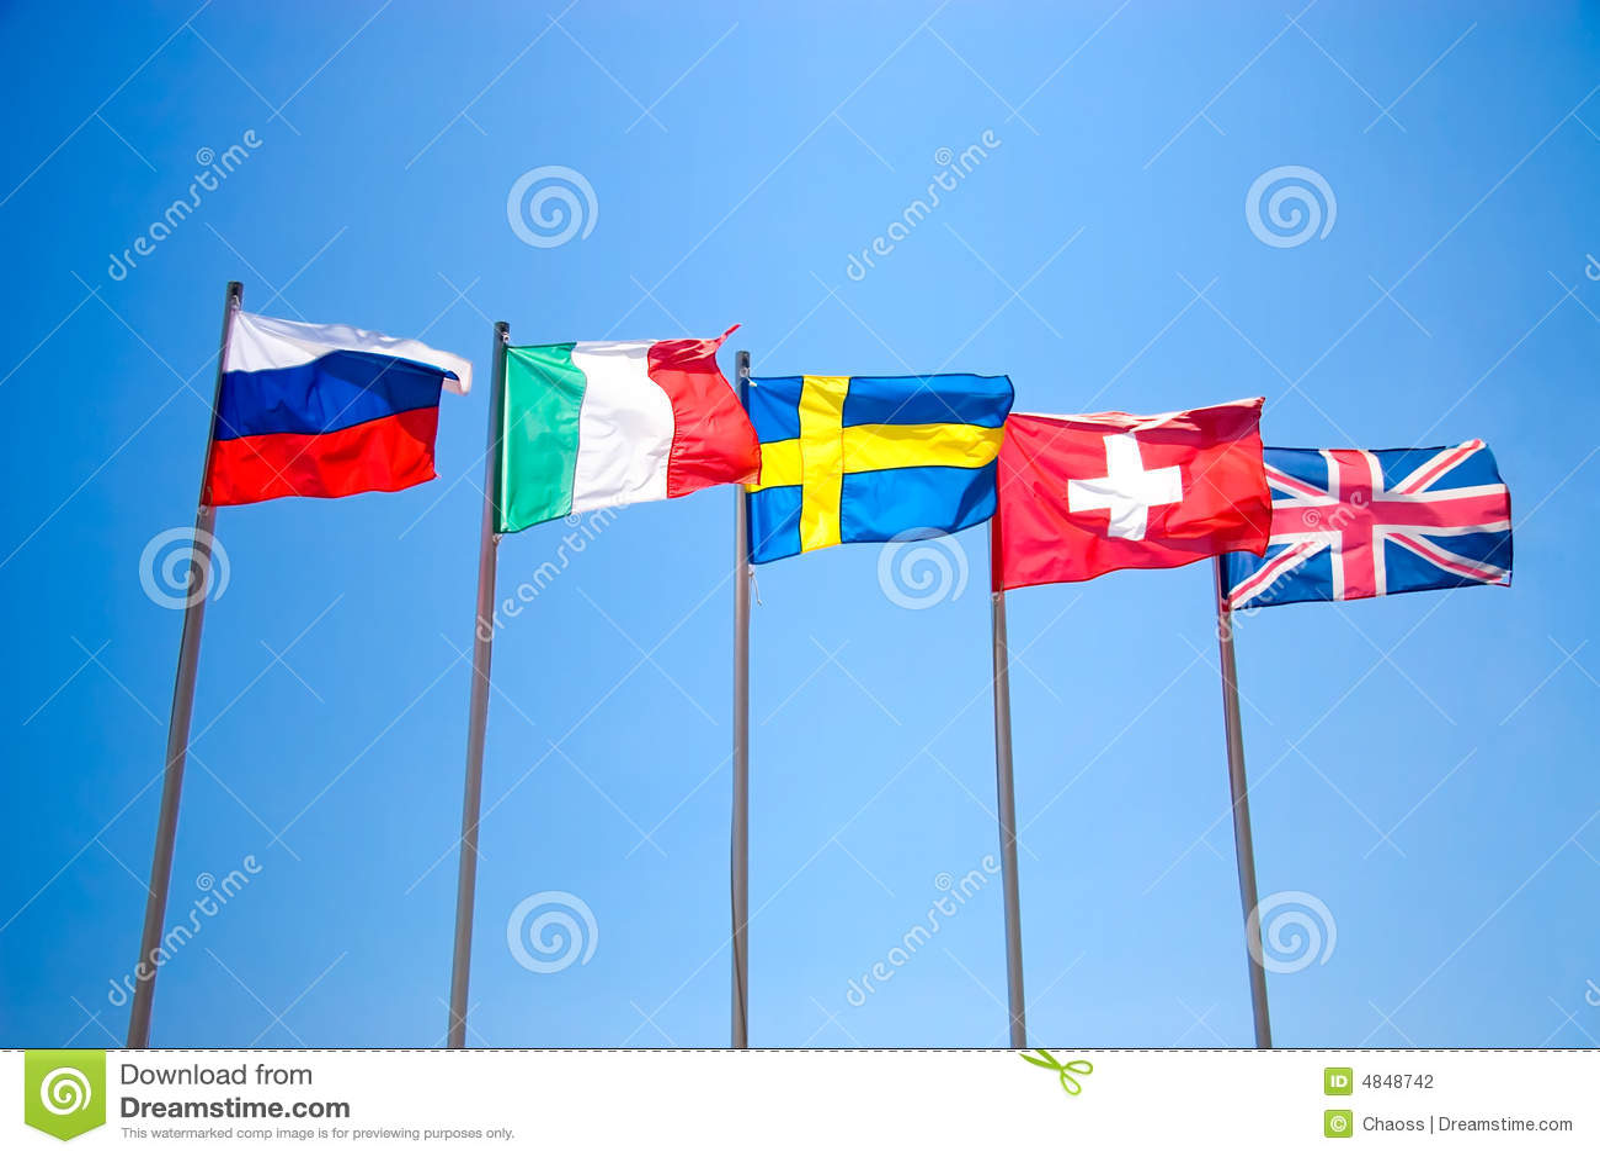 Cinco bandeiras nacionais no céu azul